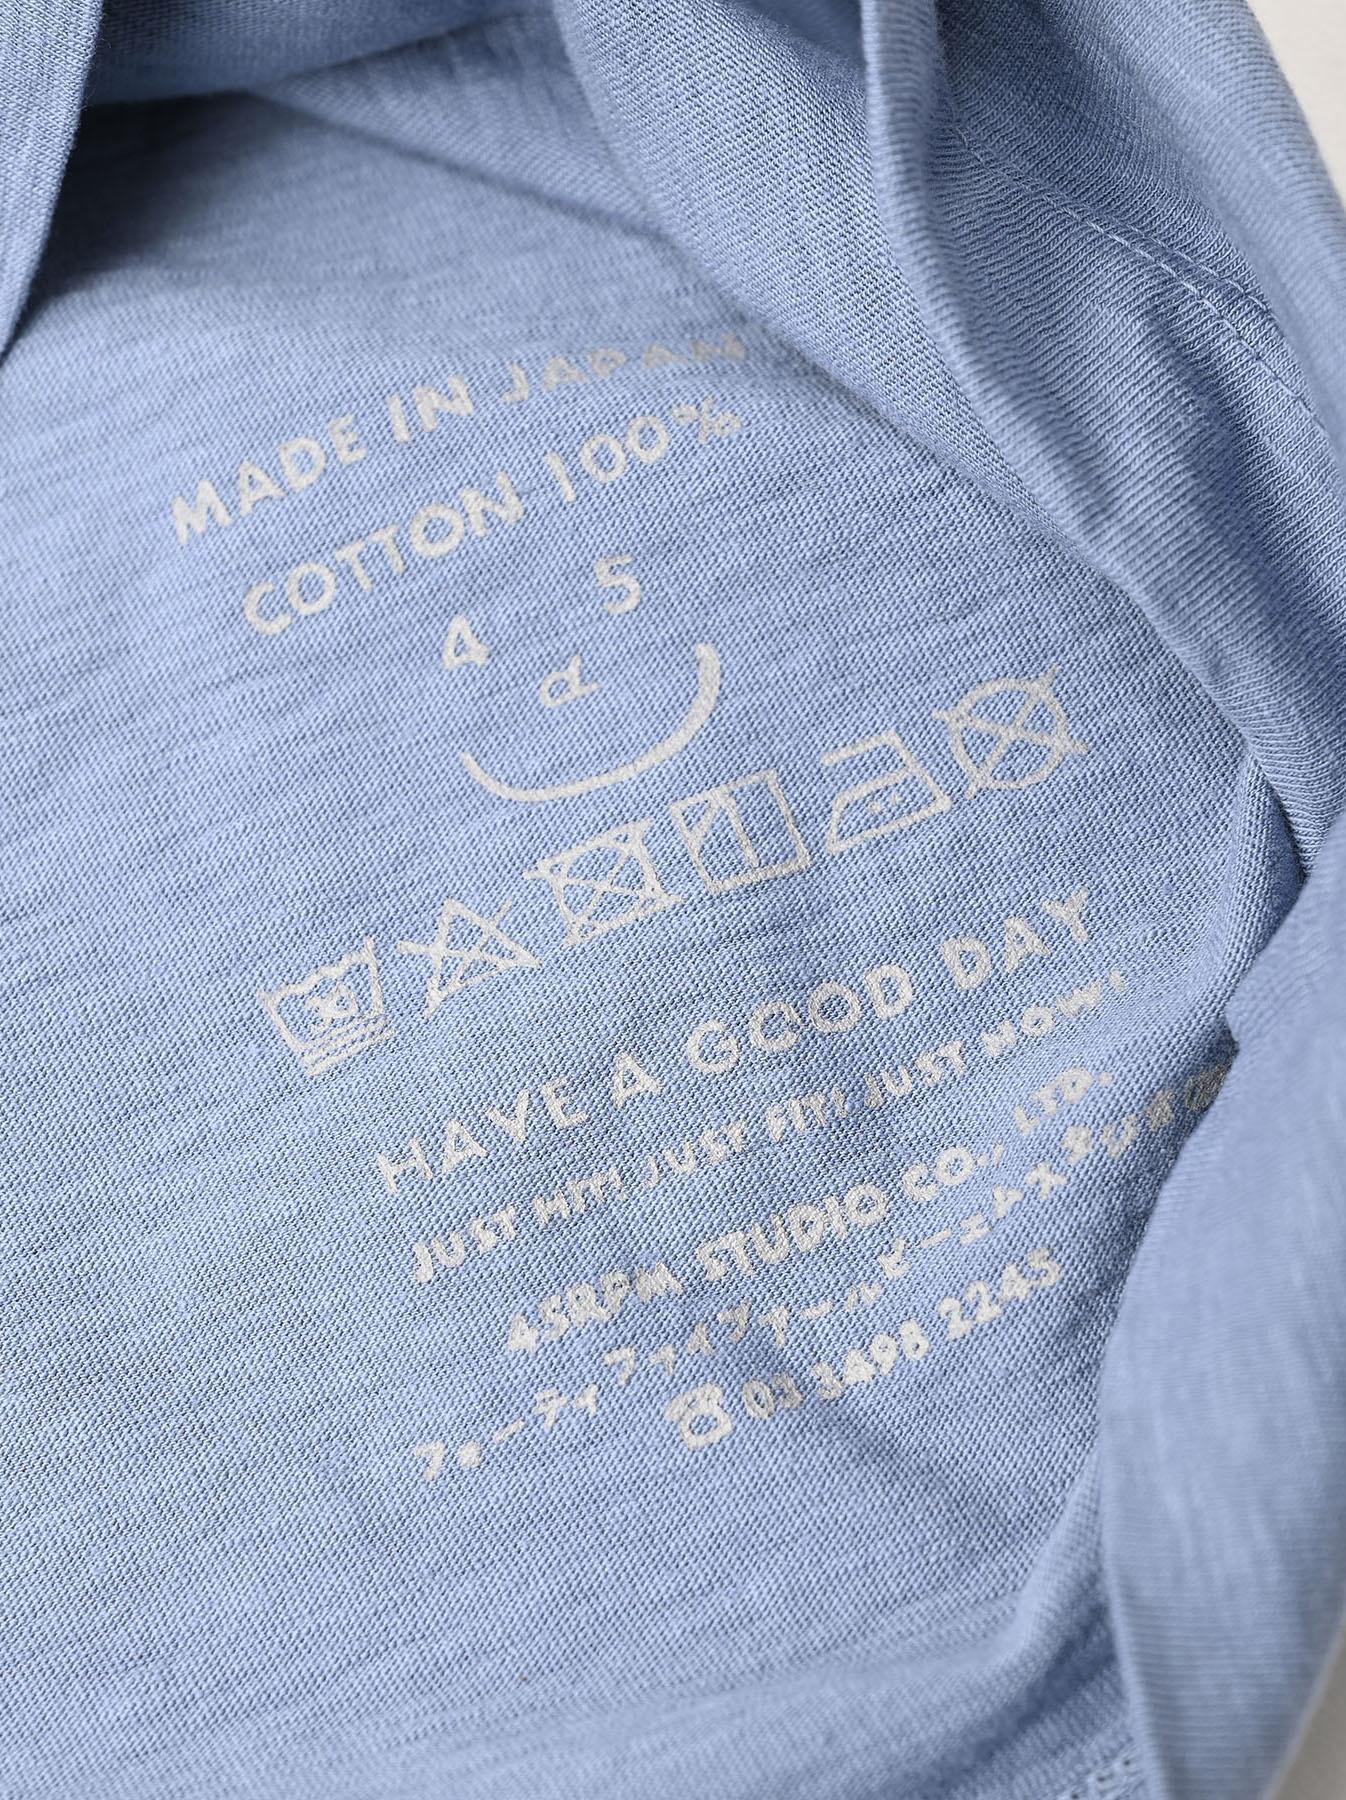 Zimbabwe Cotton Square T-shirt-12